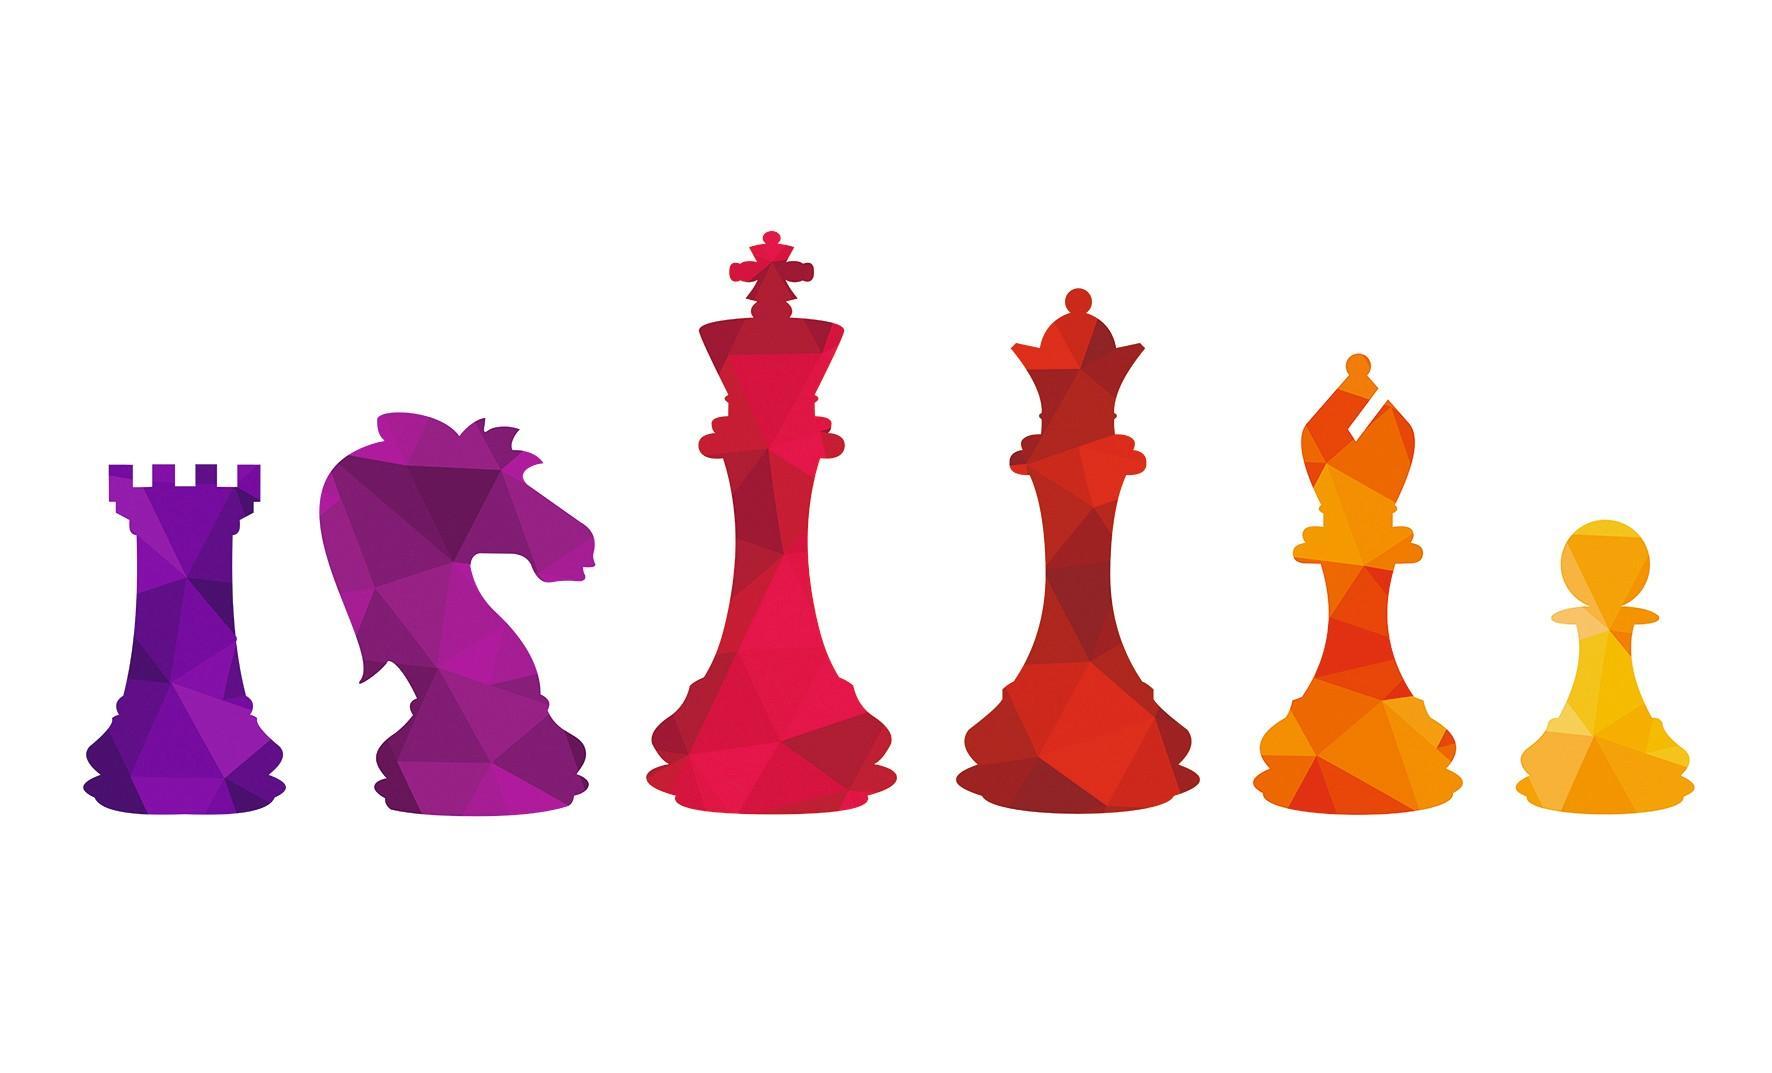 Jeu d'échecs - Événement d'une expérience aléatoire - Probabilités et échantillonnage